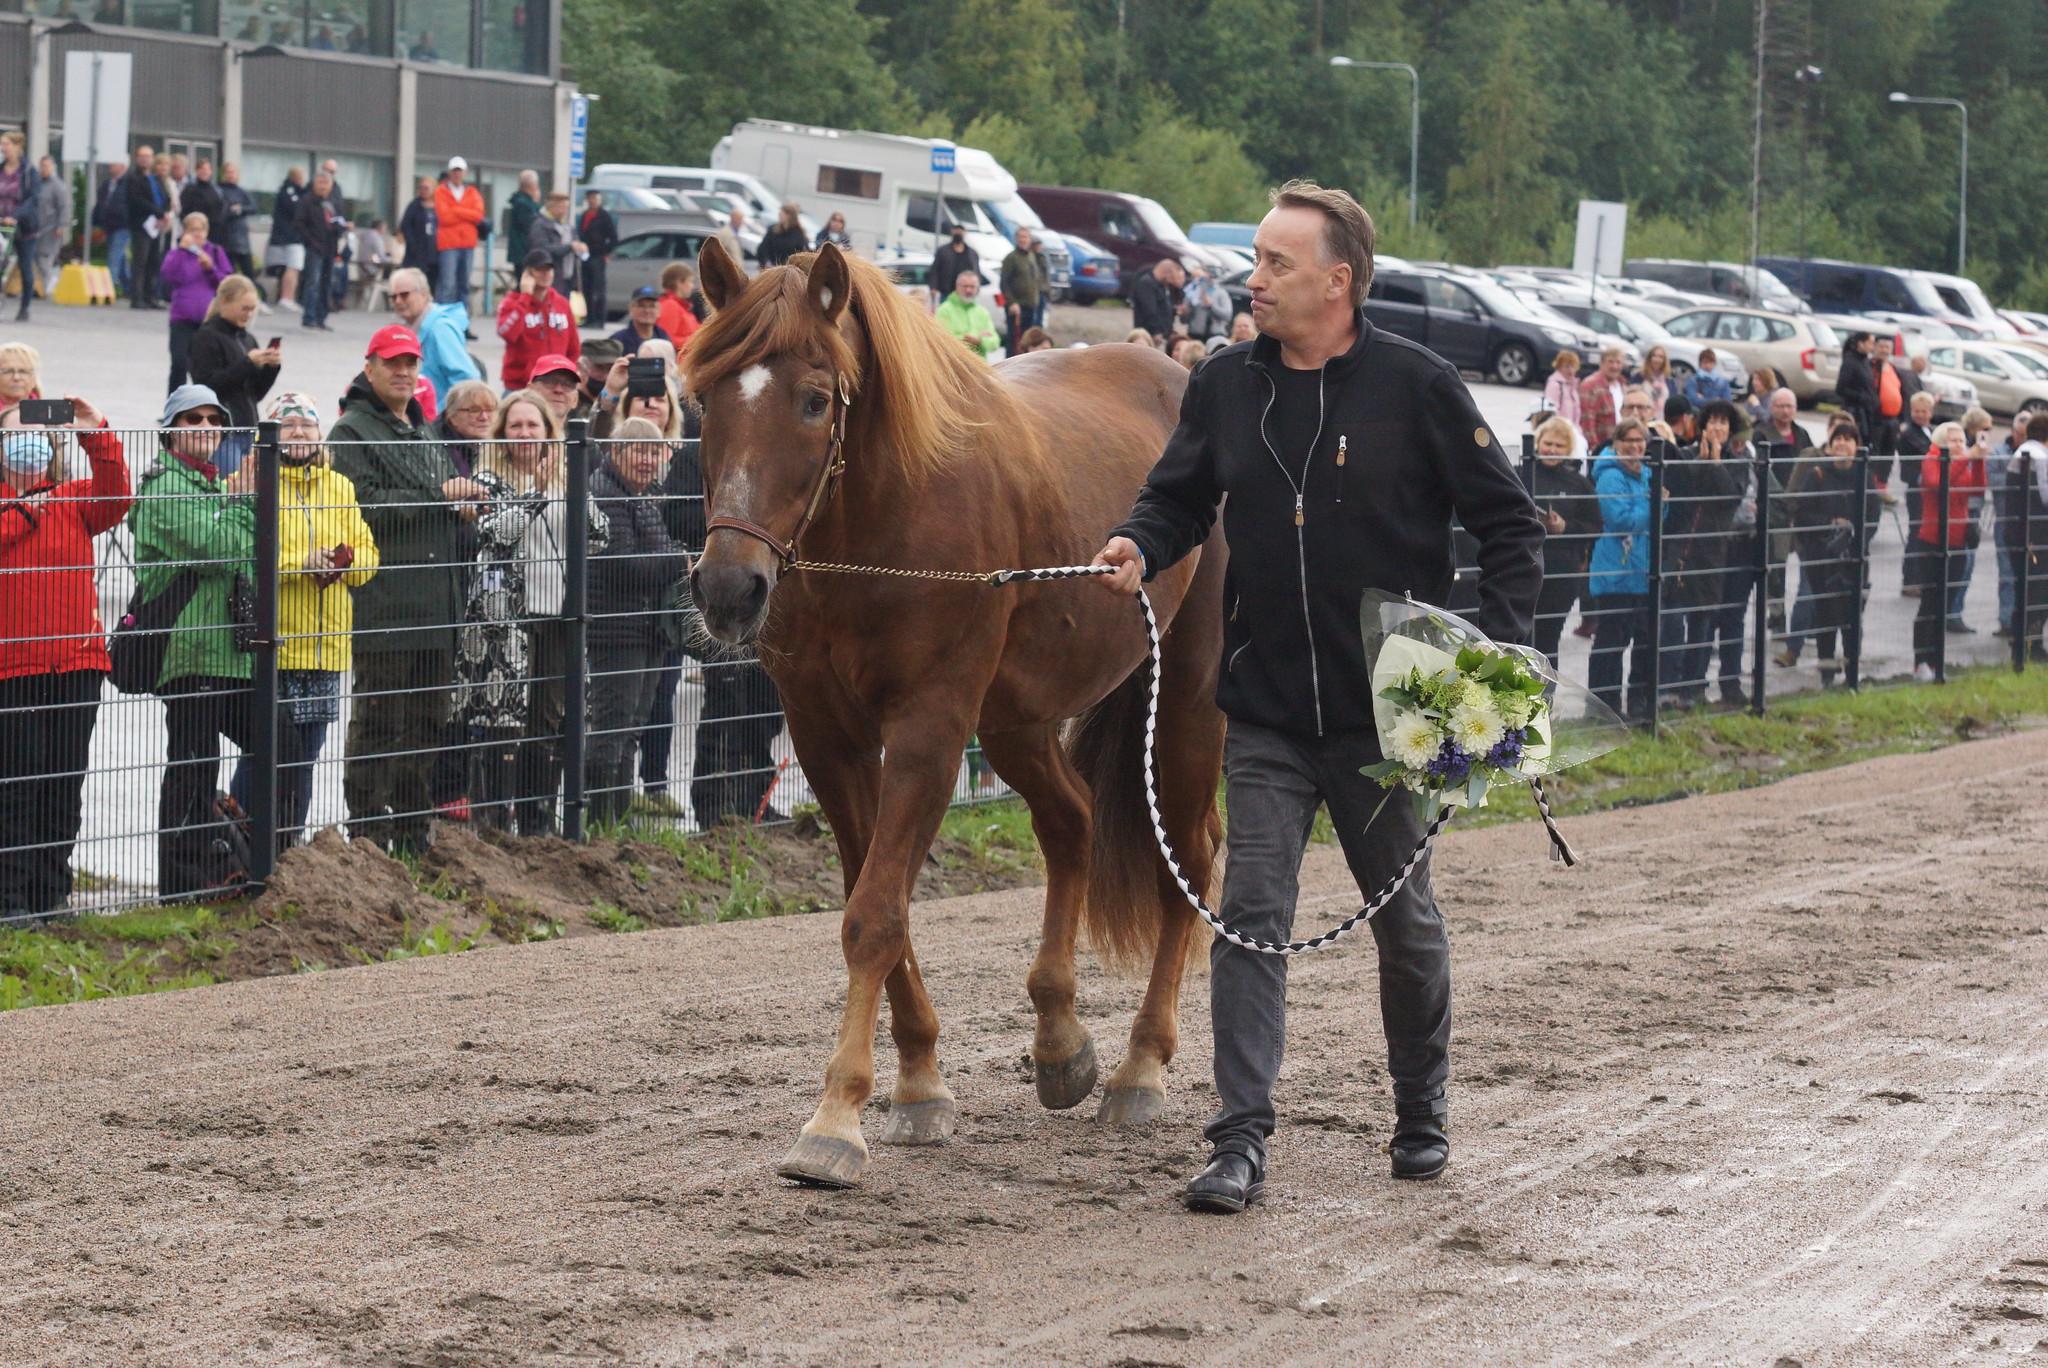 Kaikkien aikojen suomenhevosen Viesker ja Kari Ahokas esittäyivät Killerin Derby-ravien yleisölle. Kuva: Hippos / Merja Ahola-Turpeinen.